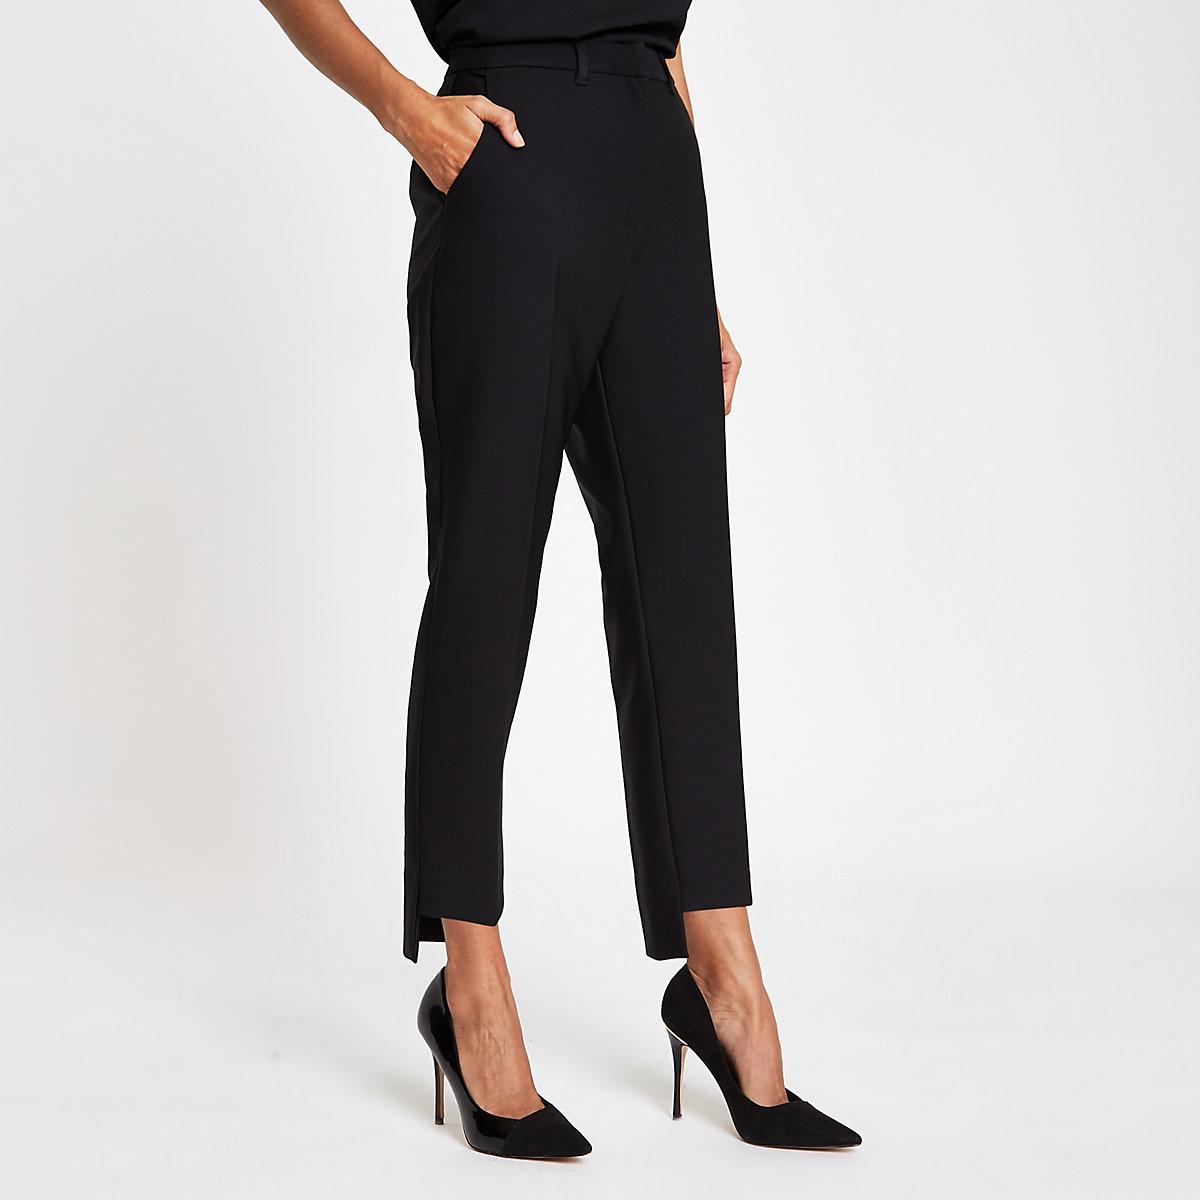 Petite black straight leg pants